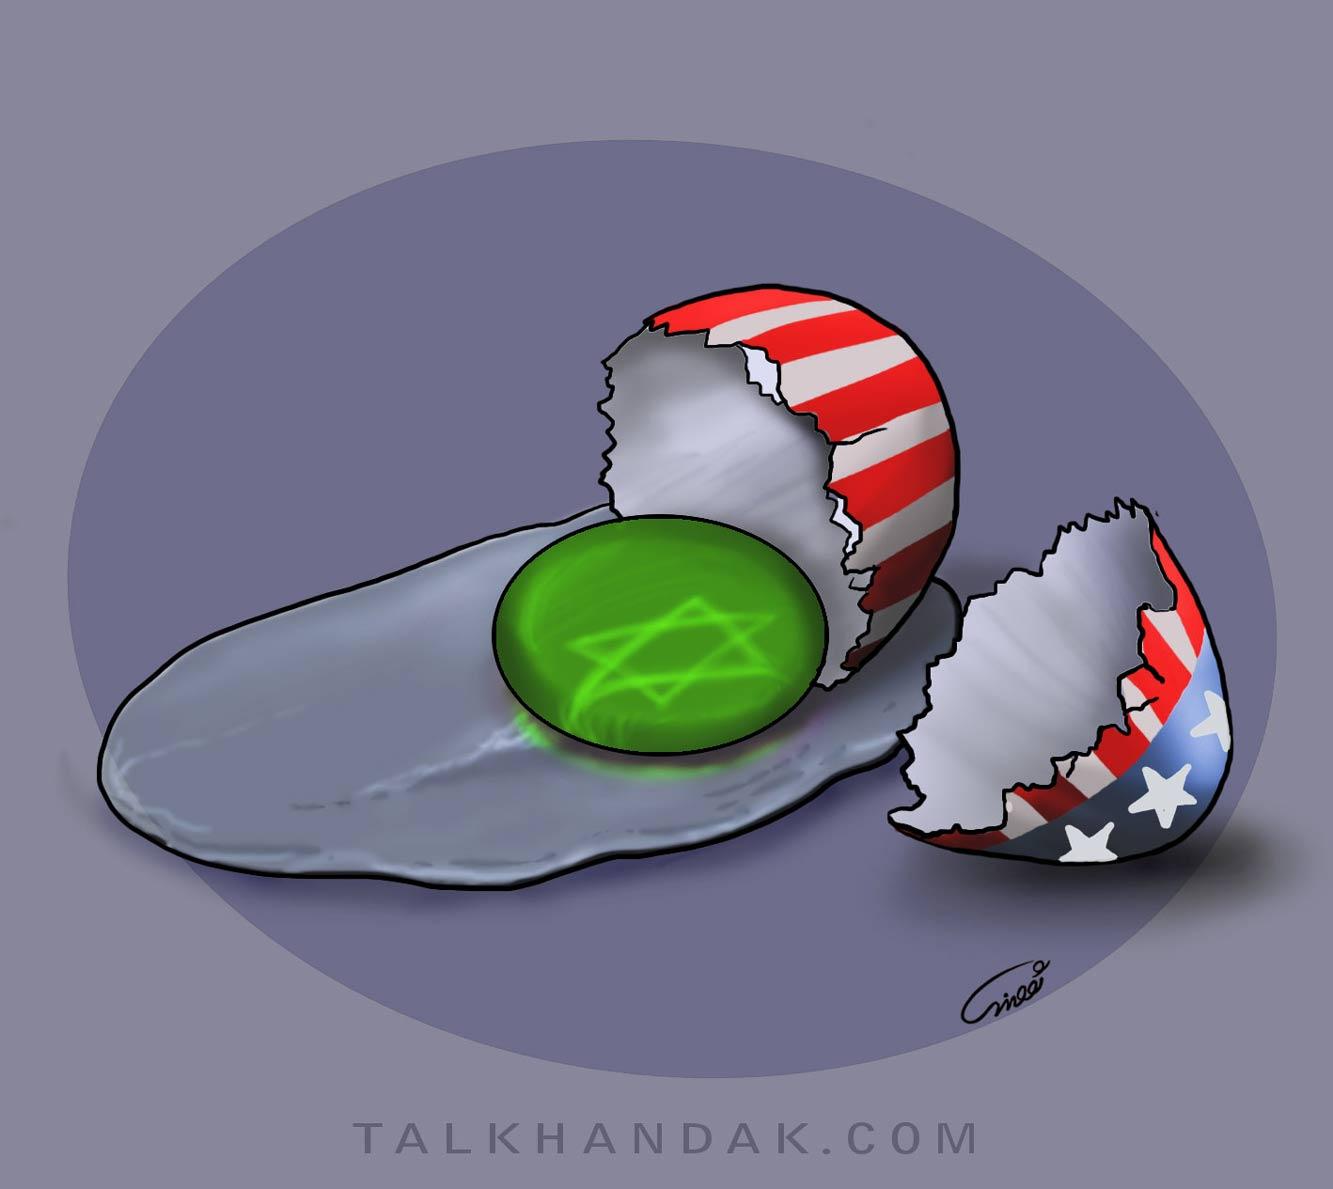 سبز - تخم مرغ - آمریکا - شکسته - اسرائیل - پوسته - زرده -  سبزه - کاریکاتور - سیاسی - عباس - گودرزی - کارتون - موسوی - جلبک - سفیده - abbas-  goodarzi - egg - usa - iran - art - تصویر سازی - نقاشی - دیجیتال - فتنه - قرمز - آبی - ستاره - ستاره پنج پر - ستاره داوود - با کیفیت